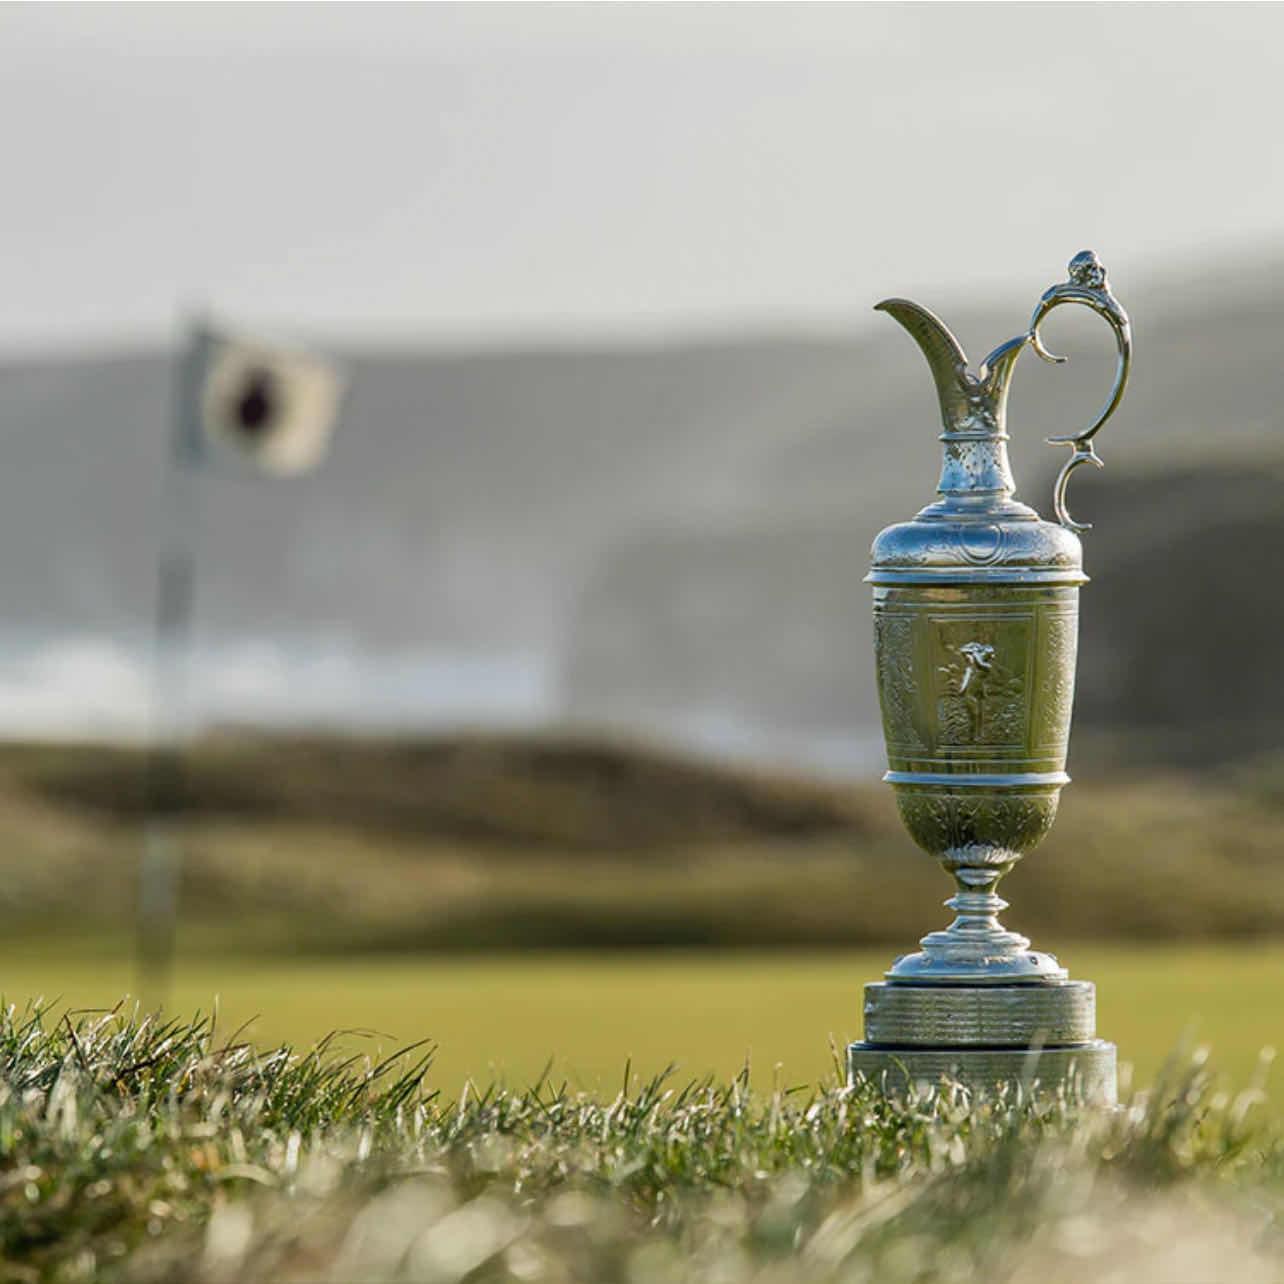 英国高尔夫球公开赛即将举行